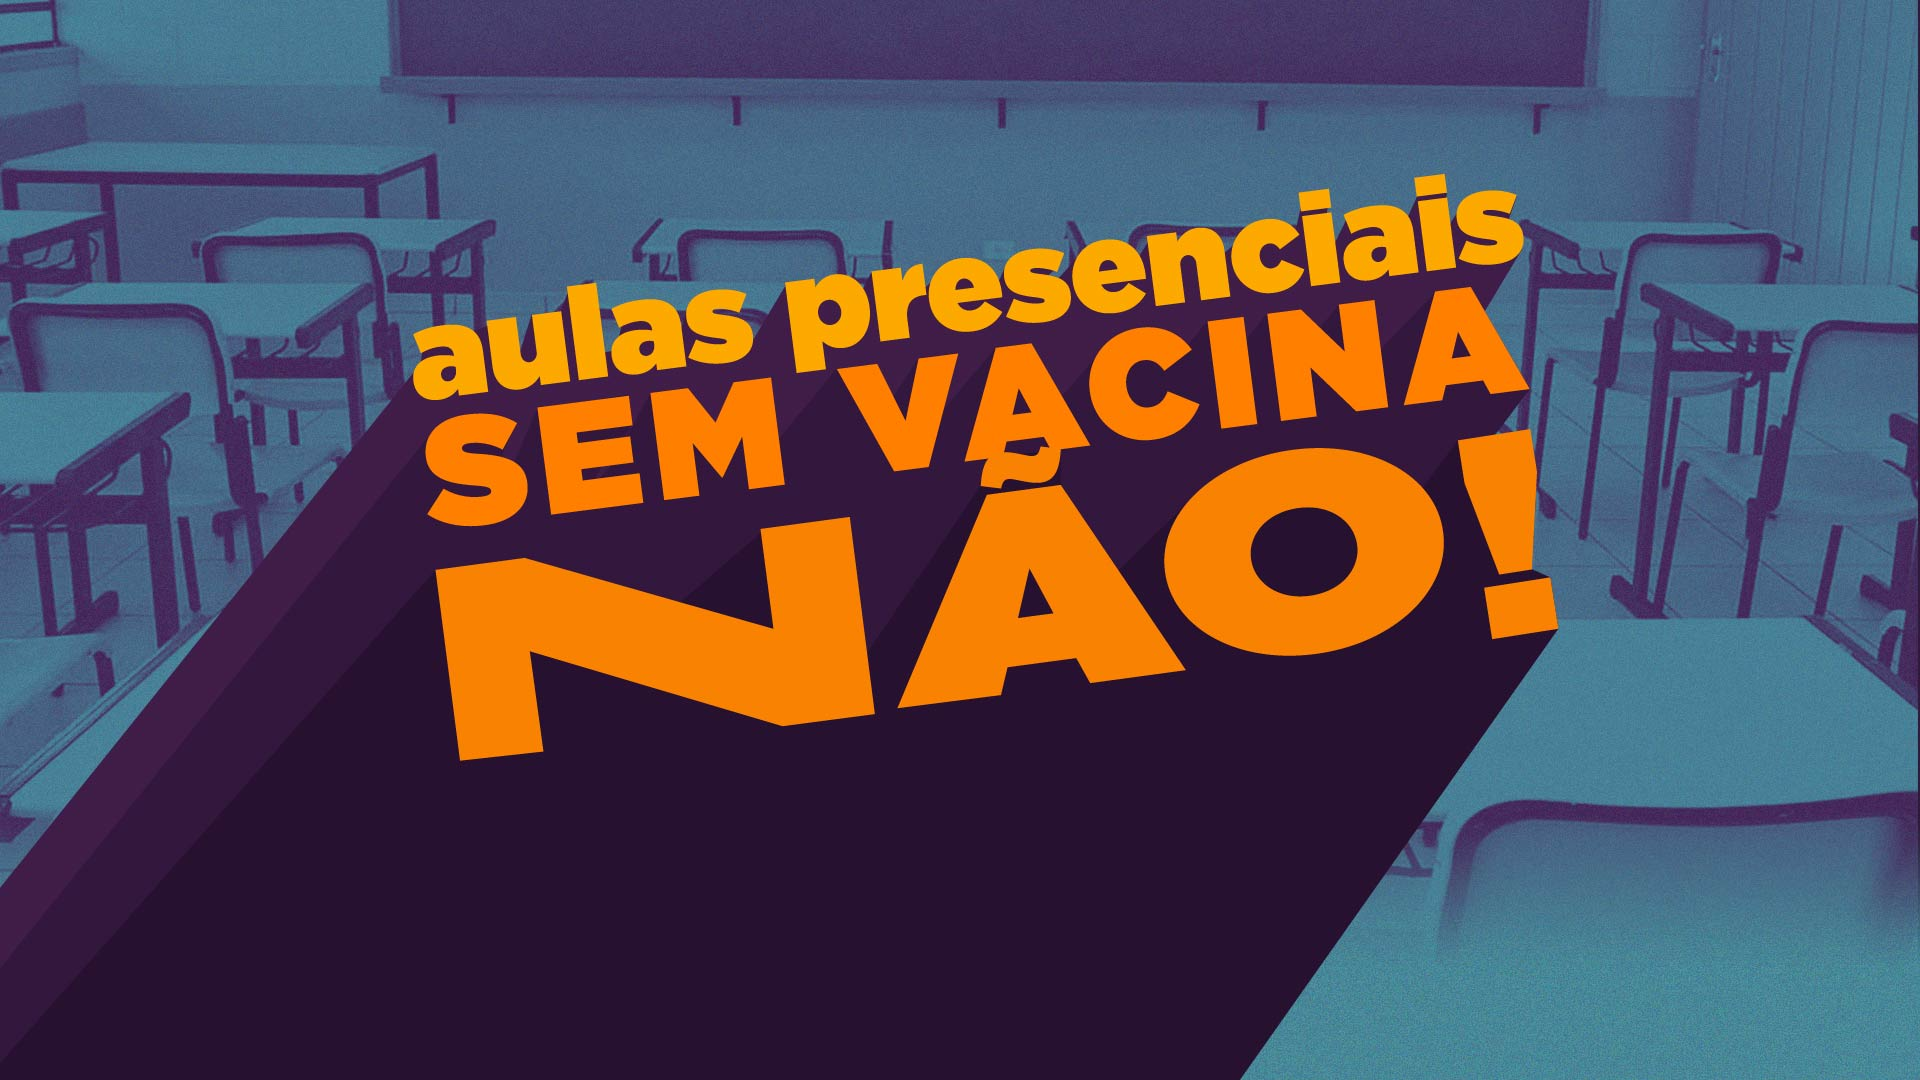 Aulas presenciais sem vacina não!